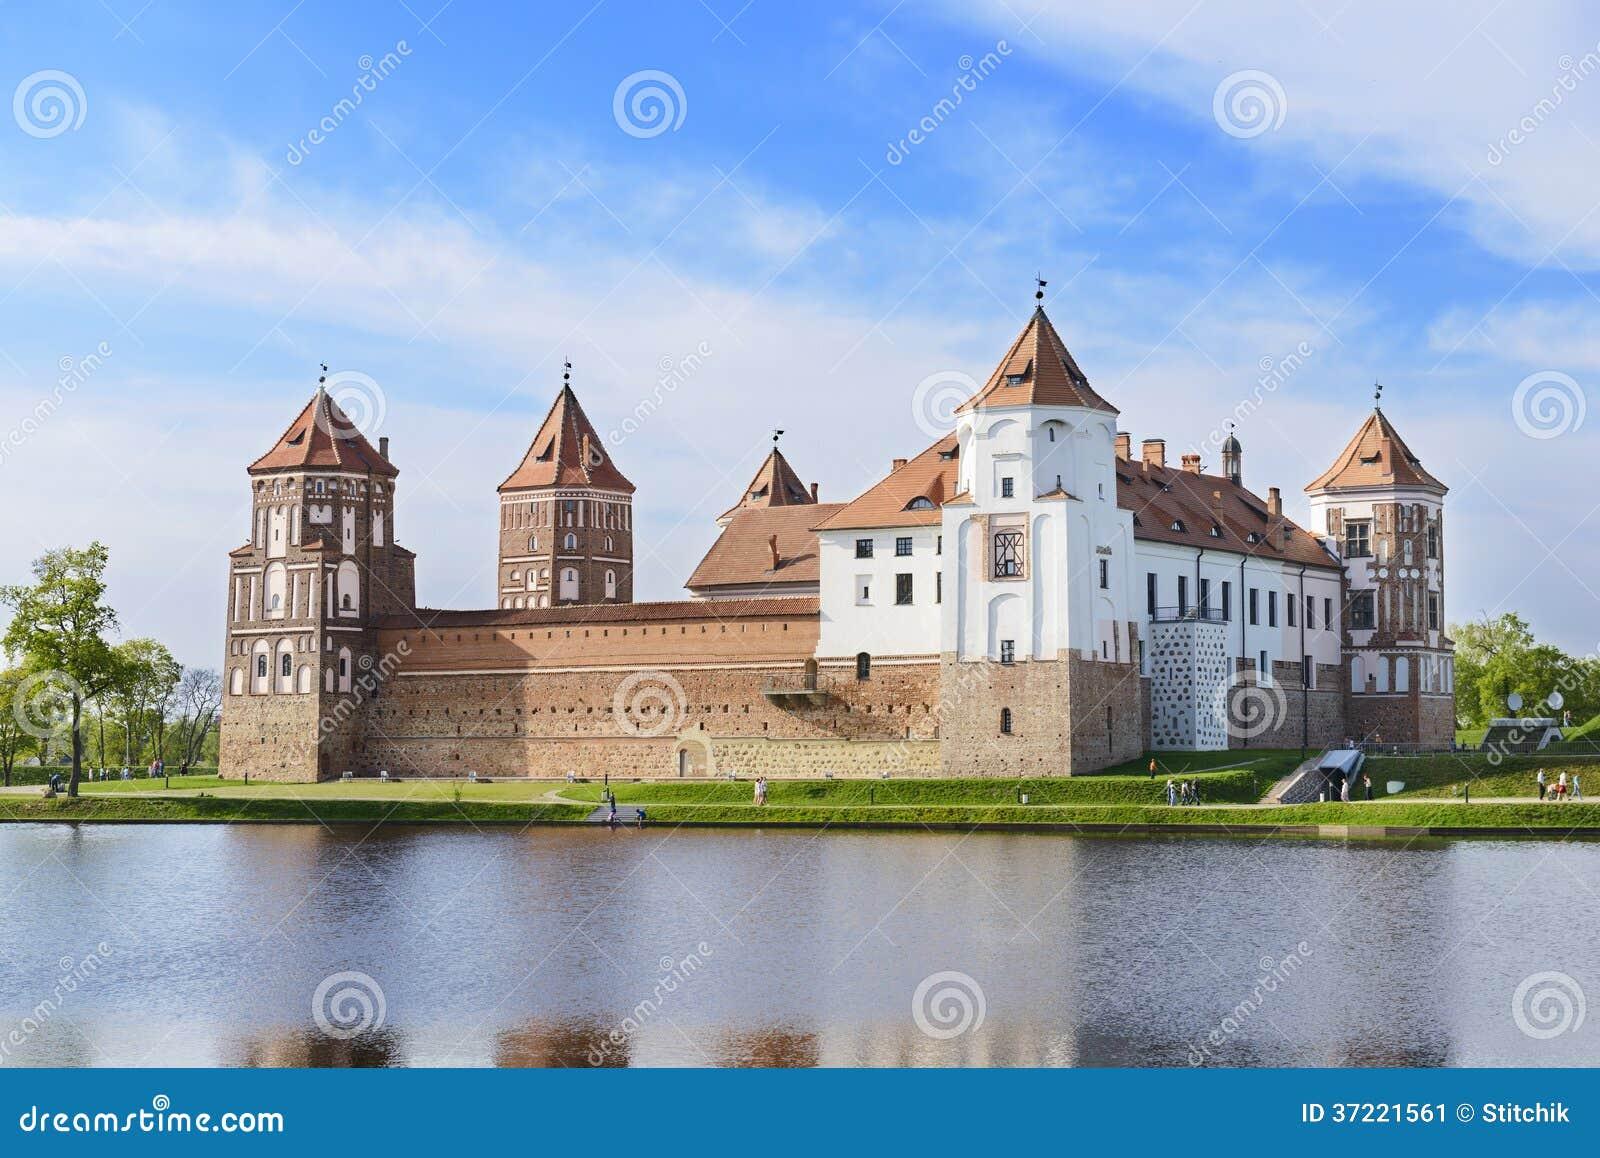 Medieval Castle Mir. Grodno Region. Belarus Stock Image ...